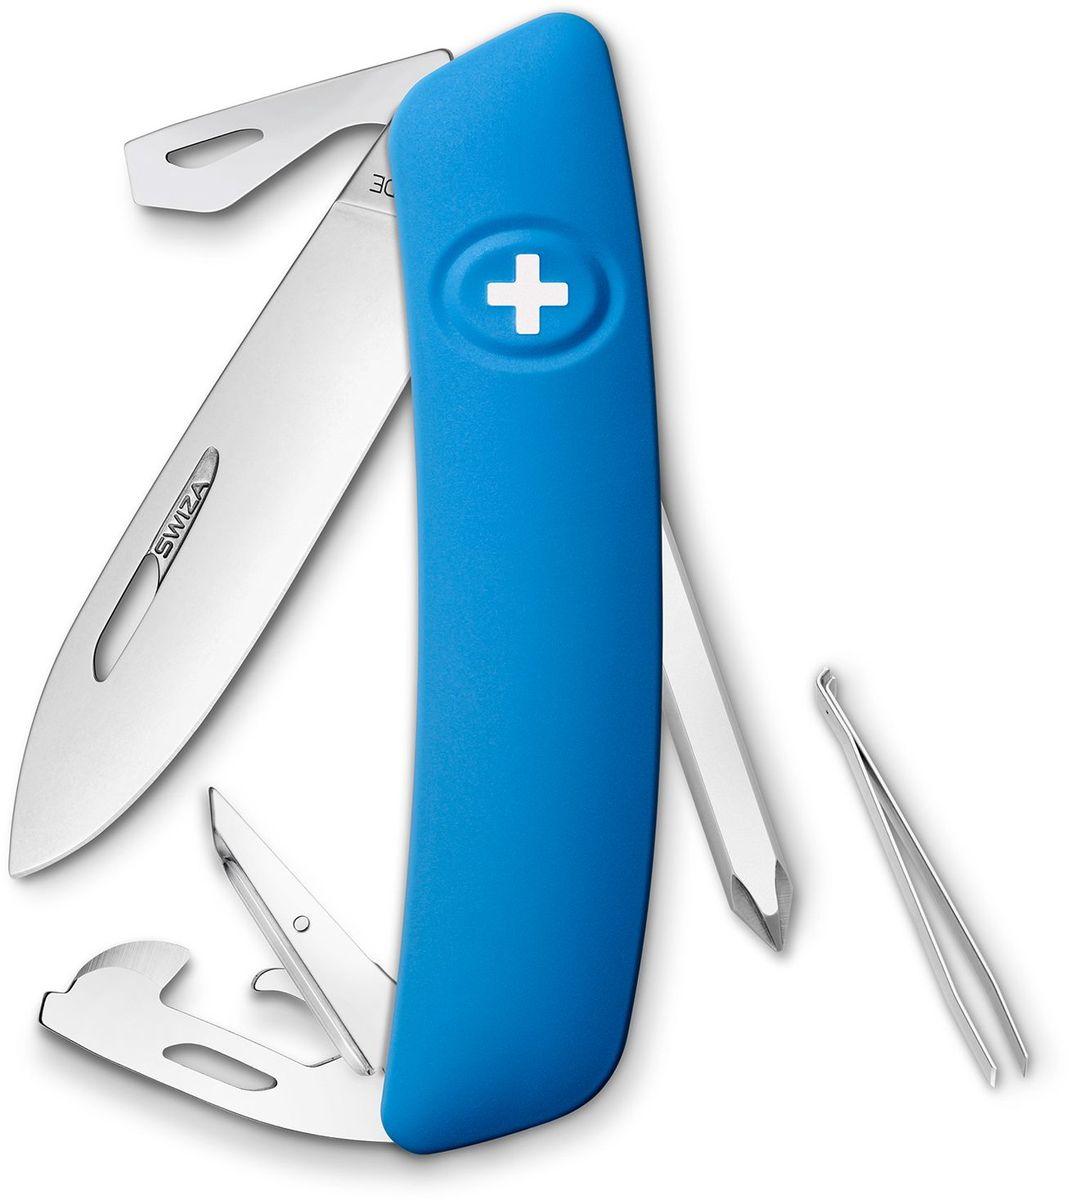 Нож швейцарский SWIZA D04, цвет: синий, длина клинка 7,5 смKNI.0040.1030Швейцарский нож SWIZA D04 с его революционной формой и безопасной рукояткой, легко раскладываемой ручкой - самый удобный и простой в использовании швейцарский нож на все времена. Эргономично изогнутая форма ножа обеспечивает более легкий доступ к инструментам, а пазы позволяют легко их открывать, как левой, так и правой рукой. Инструменты:-нож перочинный,-отвертка Phillips, -ример/дырокол,-шило, -безопасная блокировка лезвий,-пинцет, -консервный нож, -Wire Bender (для проволоки),-отвертка №1,-отвертка №3,-открывалка для бутылок.